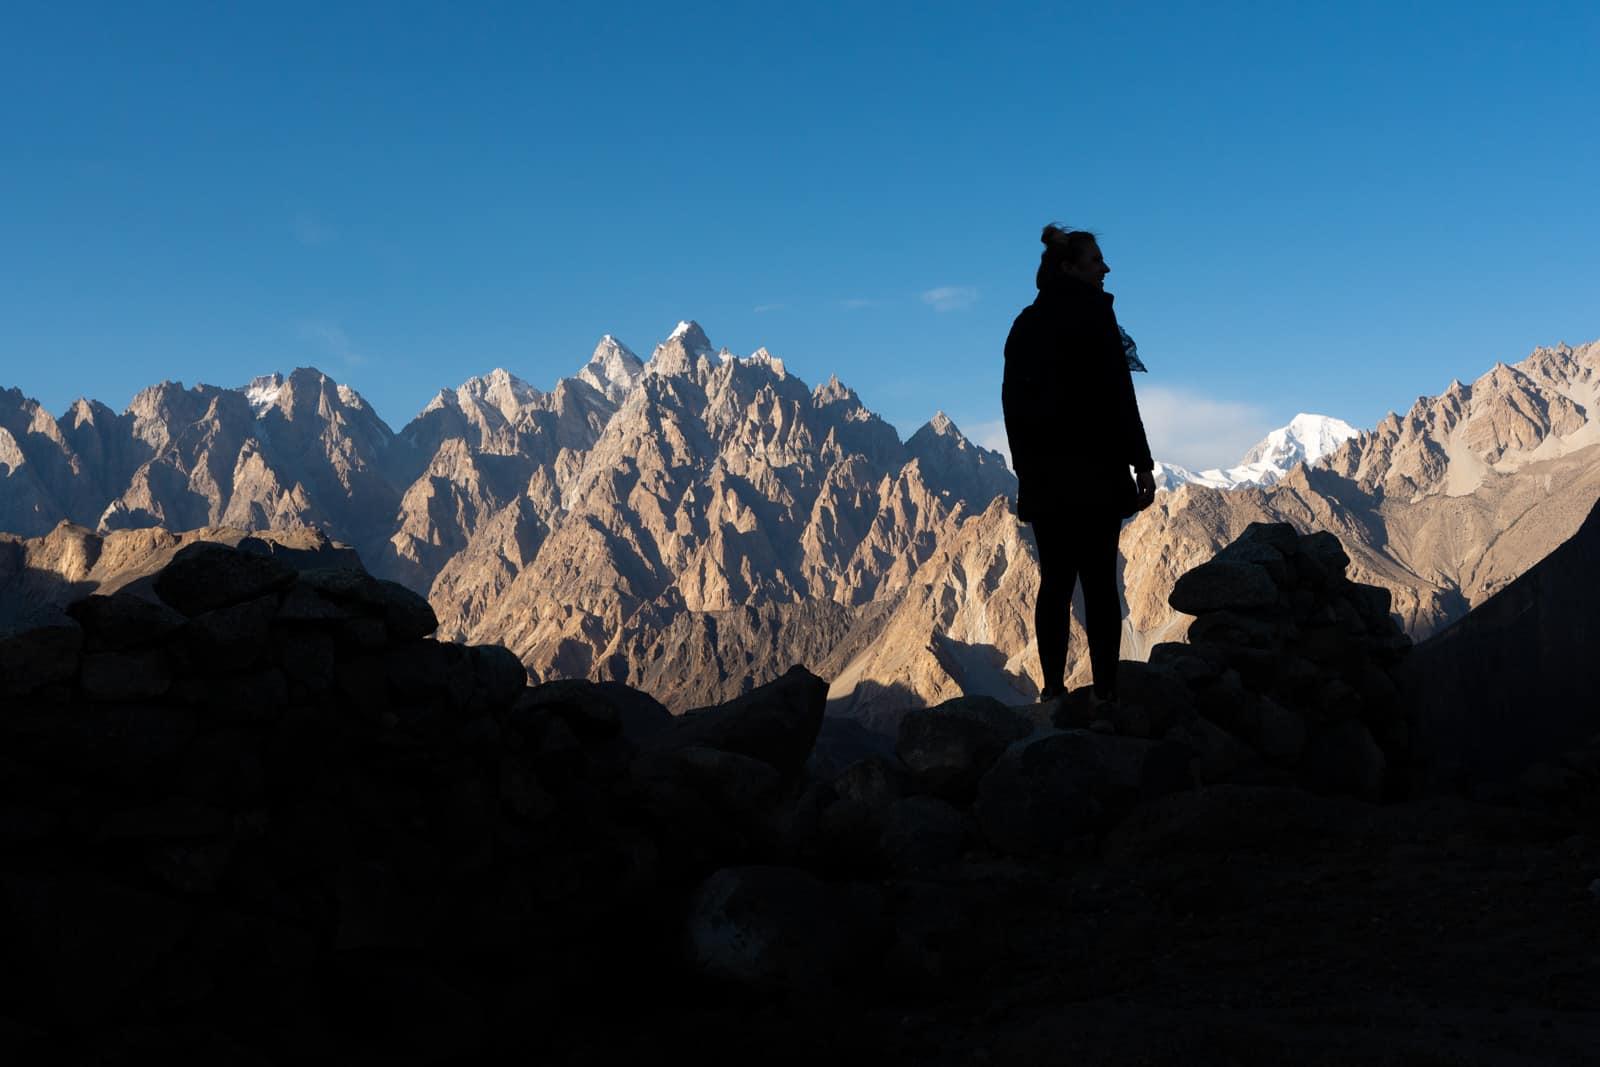 Girl standing in front of the Passu Cones in Hunza, Pakistan